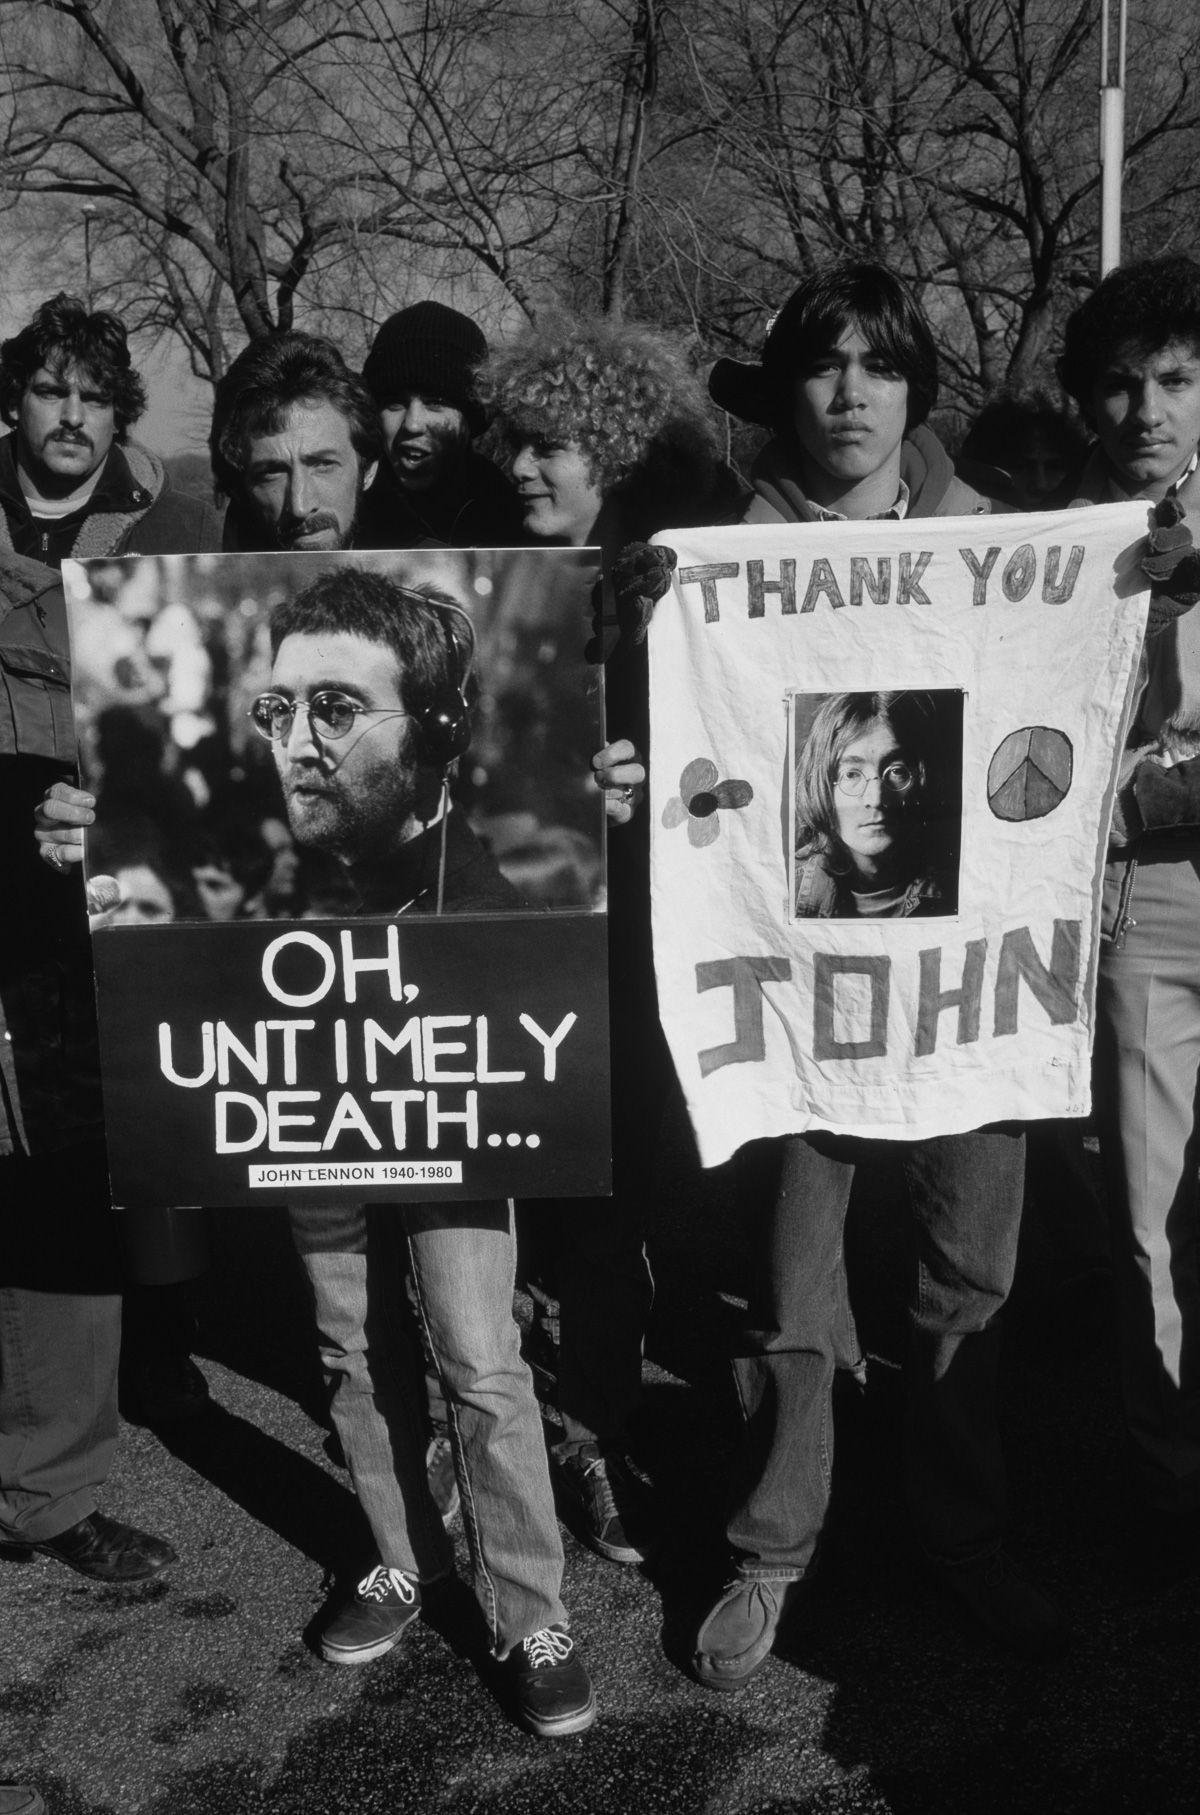 foto-8-dicembre-1980-morte-john-lennon-22